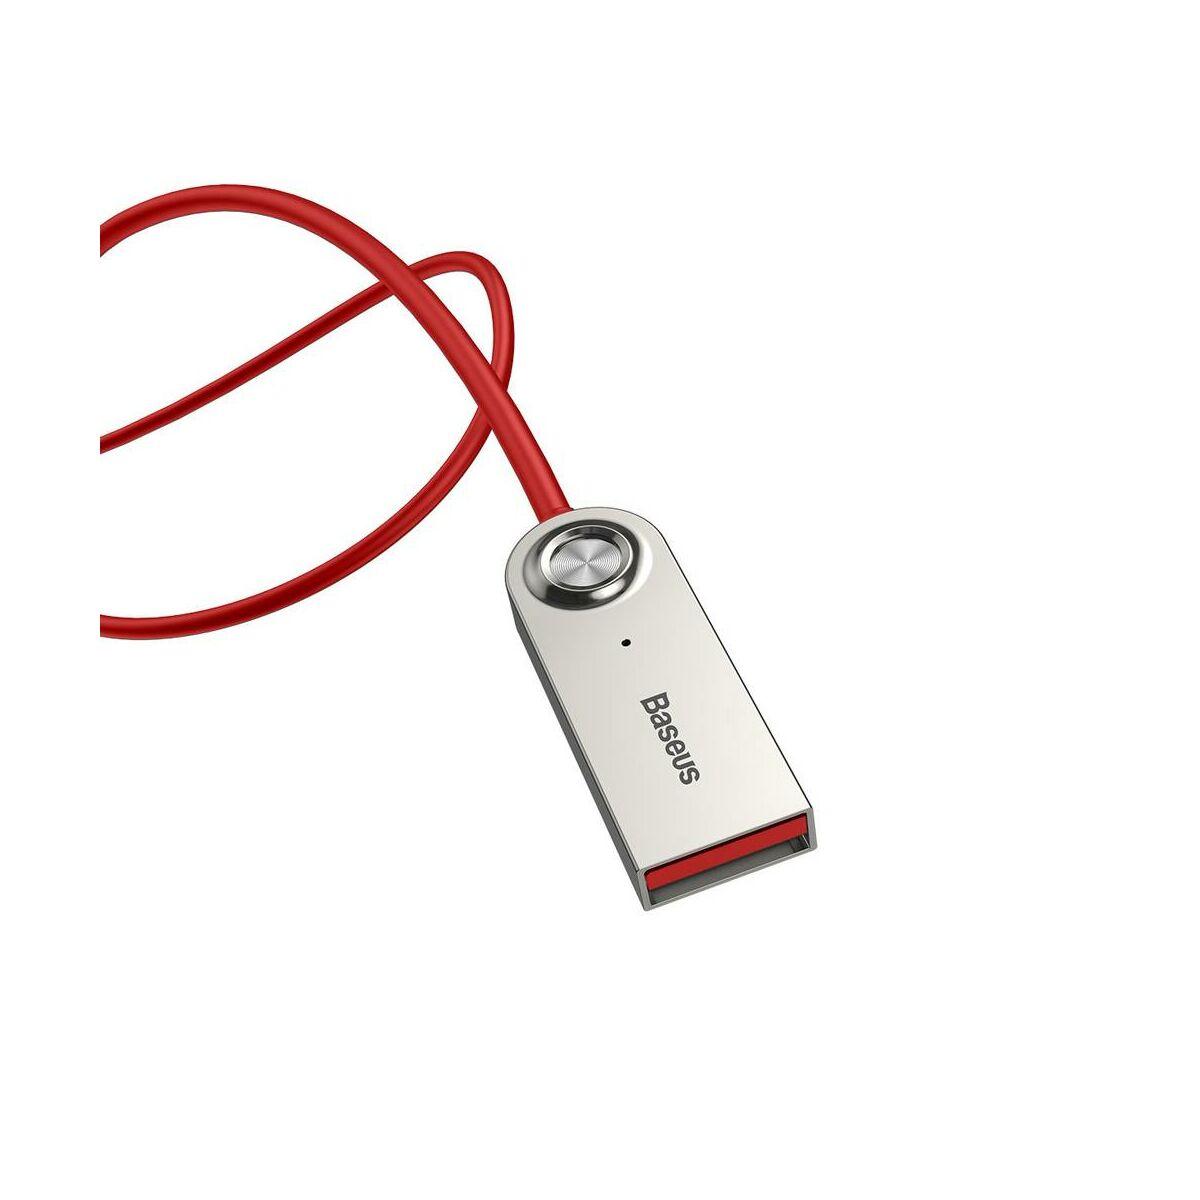 Baseus átalakító kábel, BA01 USB + vezeték nélküli adapterről 3.5mm Jack bemenetre, piros (CABA01-09)